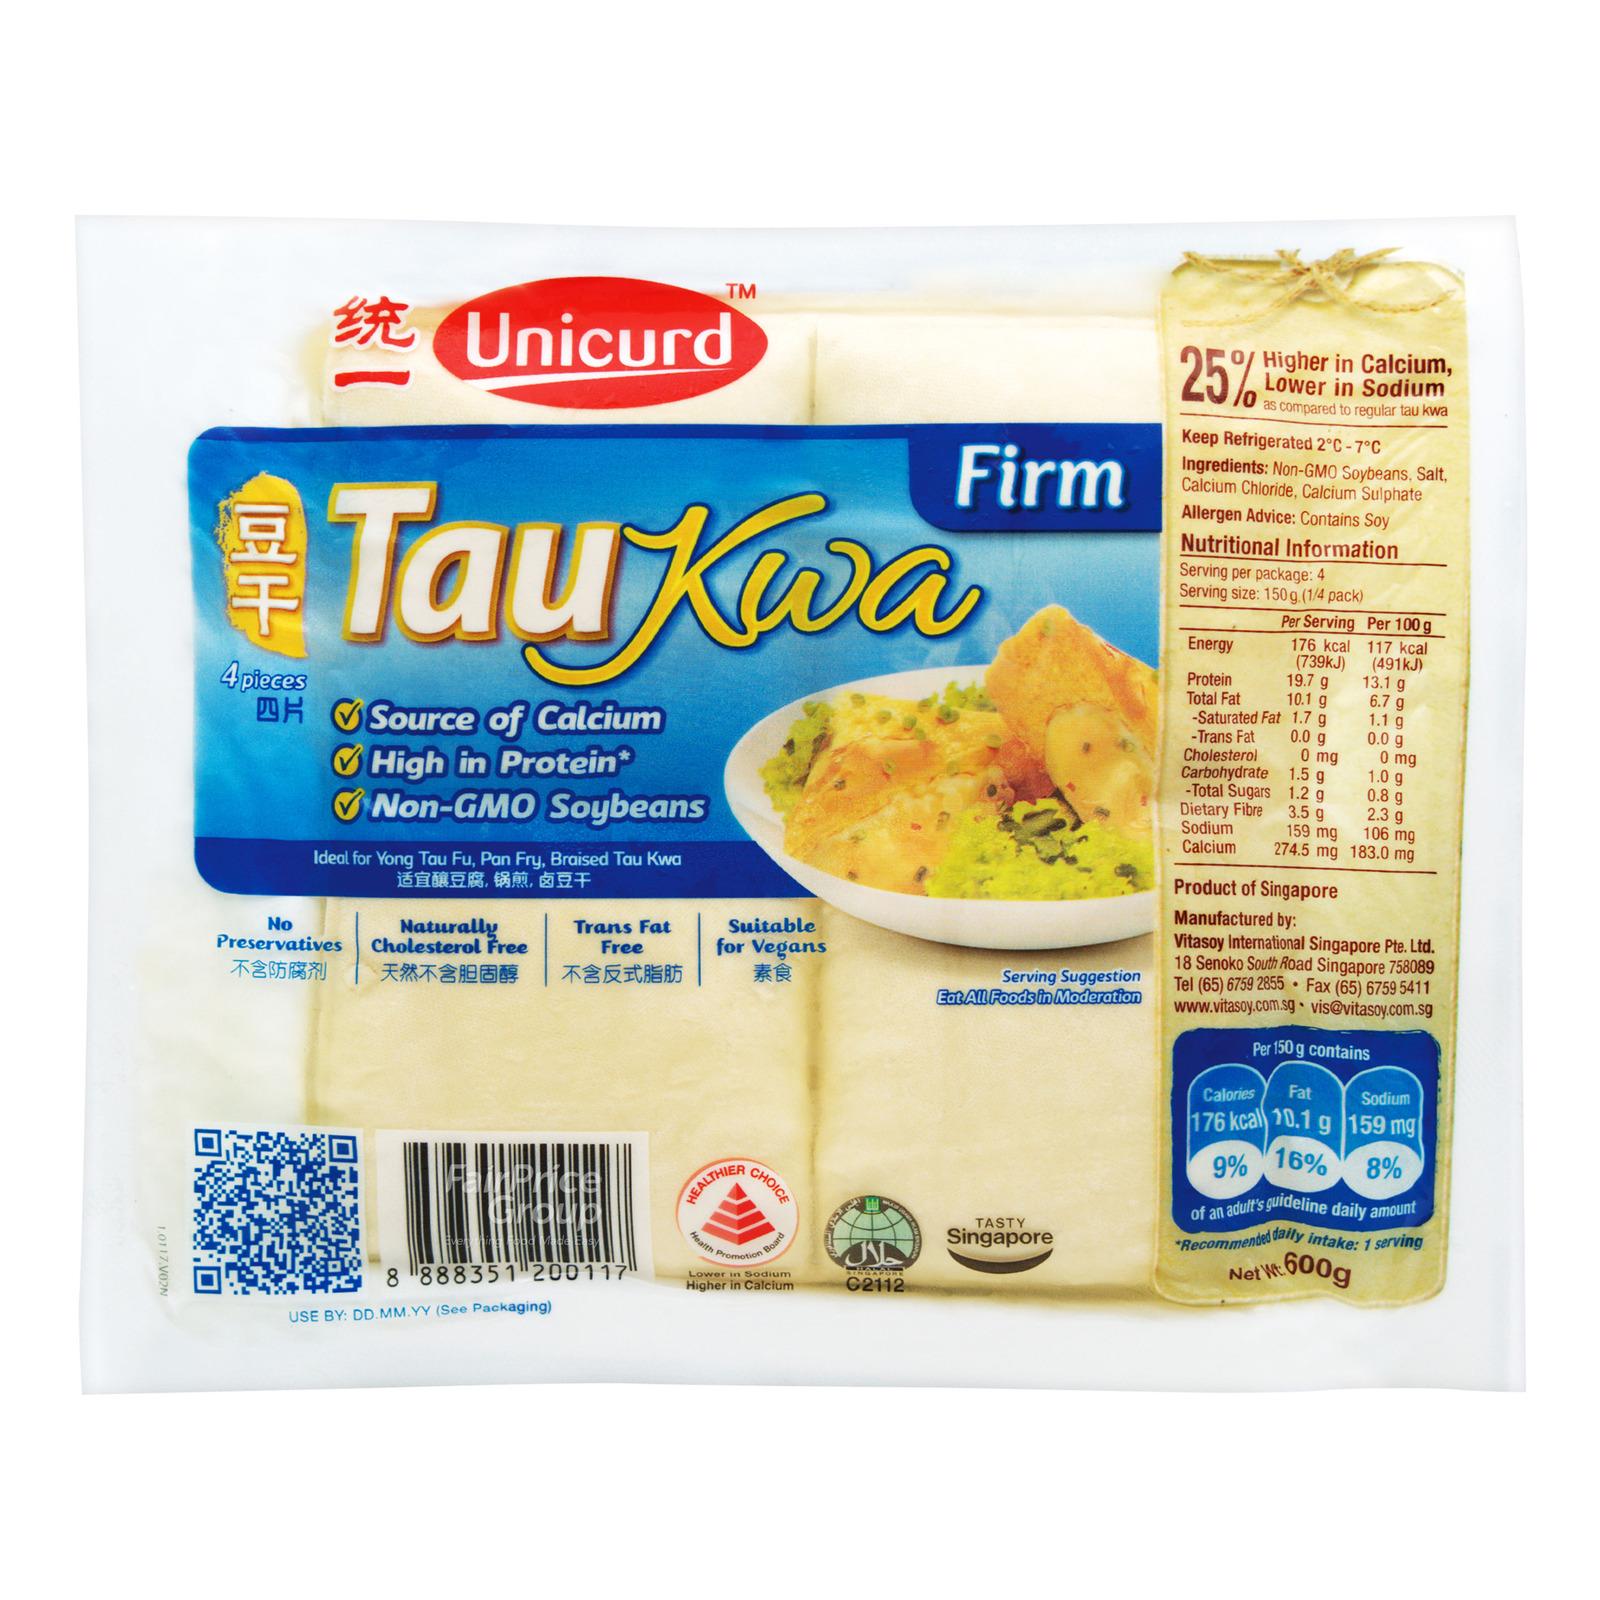 Unicurd Tau Kwa - Firm